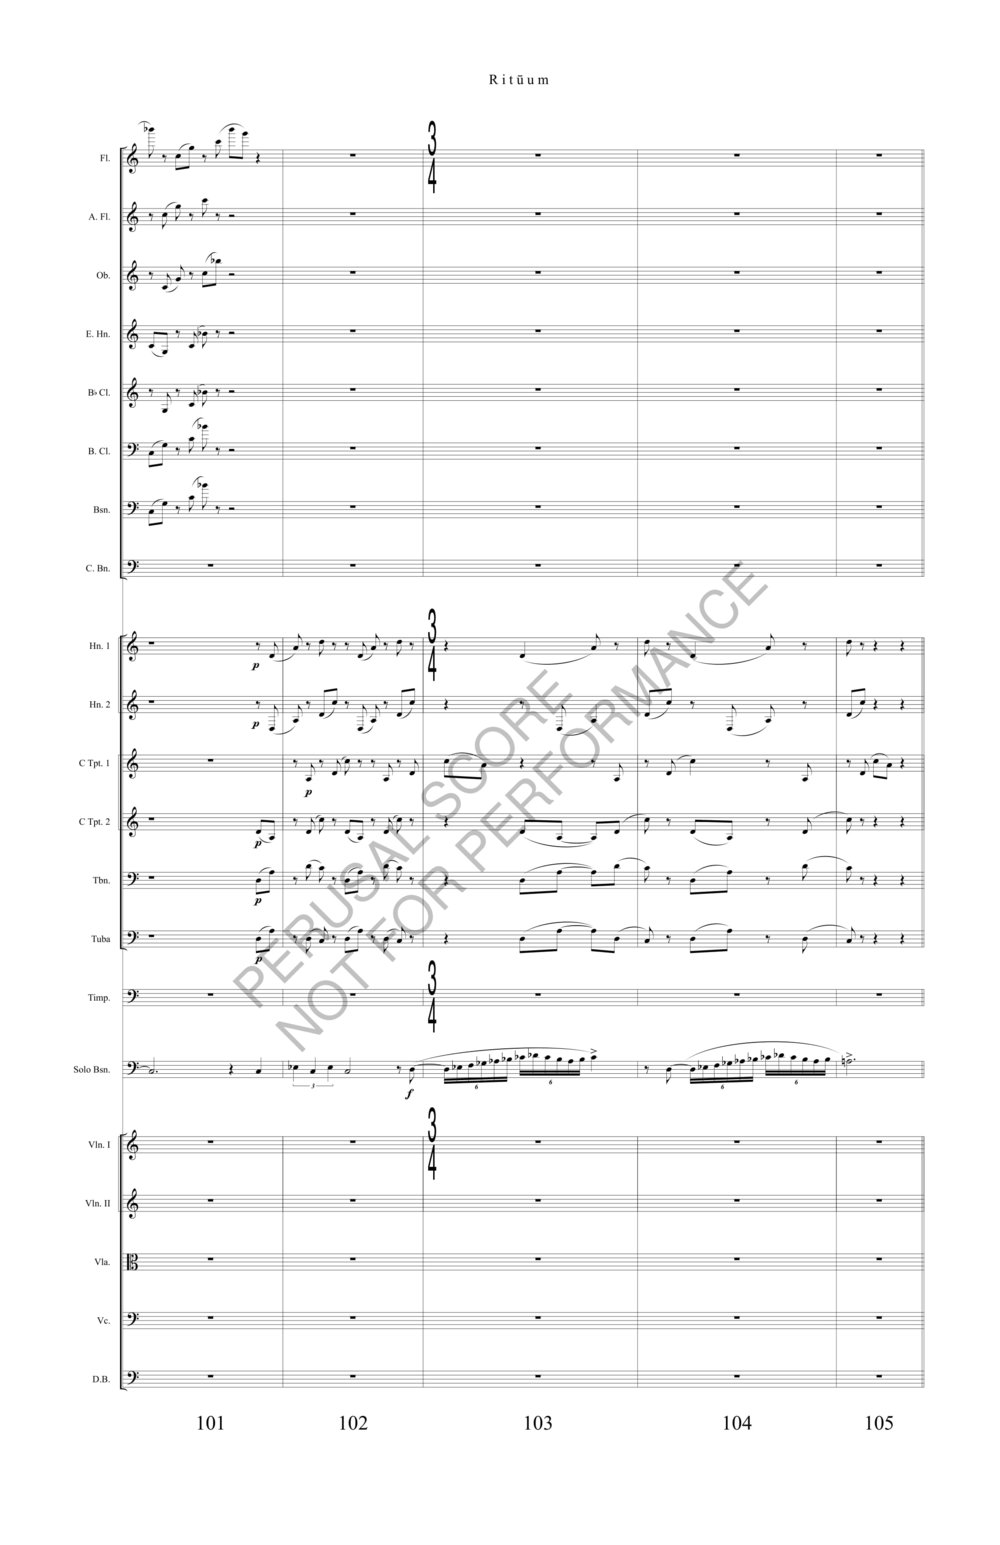 Boyd Rituum Score-watermark (1)-27.jpg